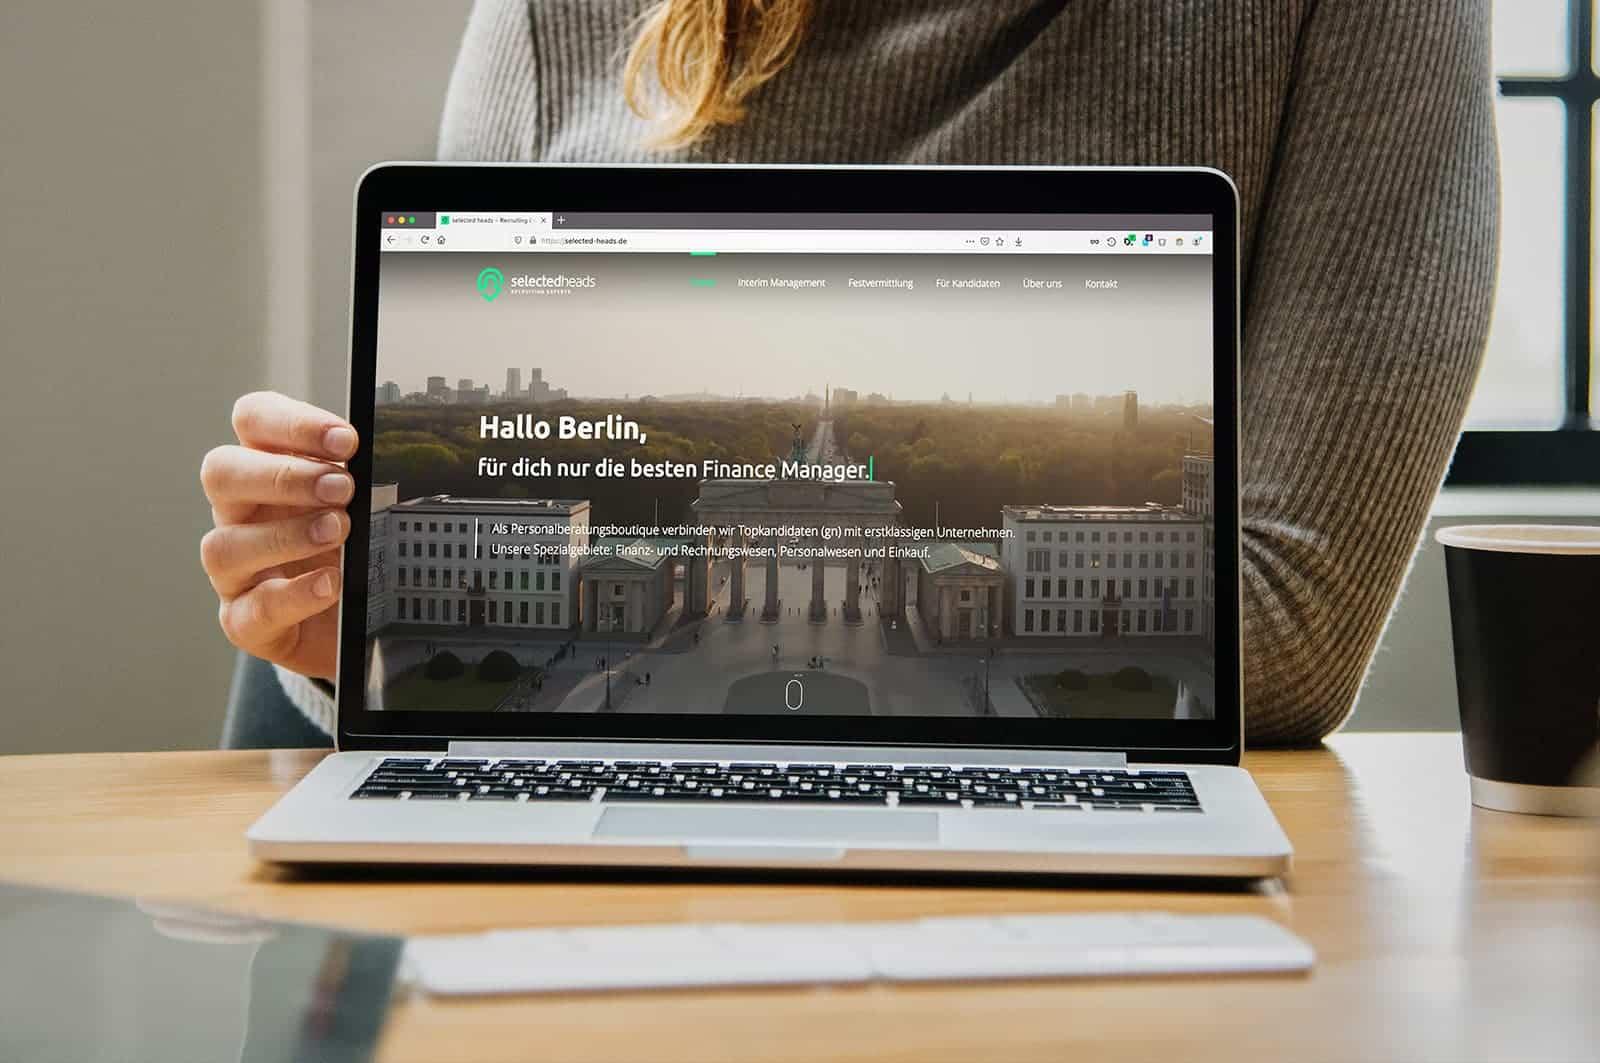 webdesign-berlin_selectedheads_mockup